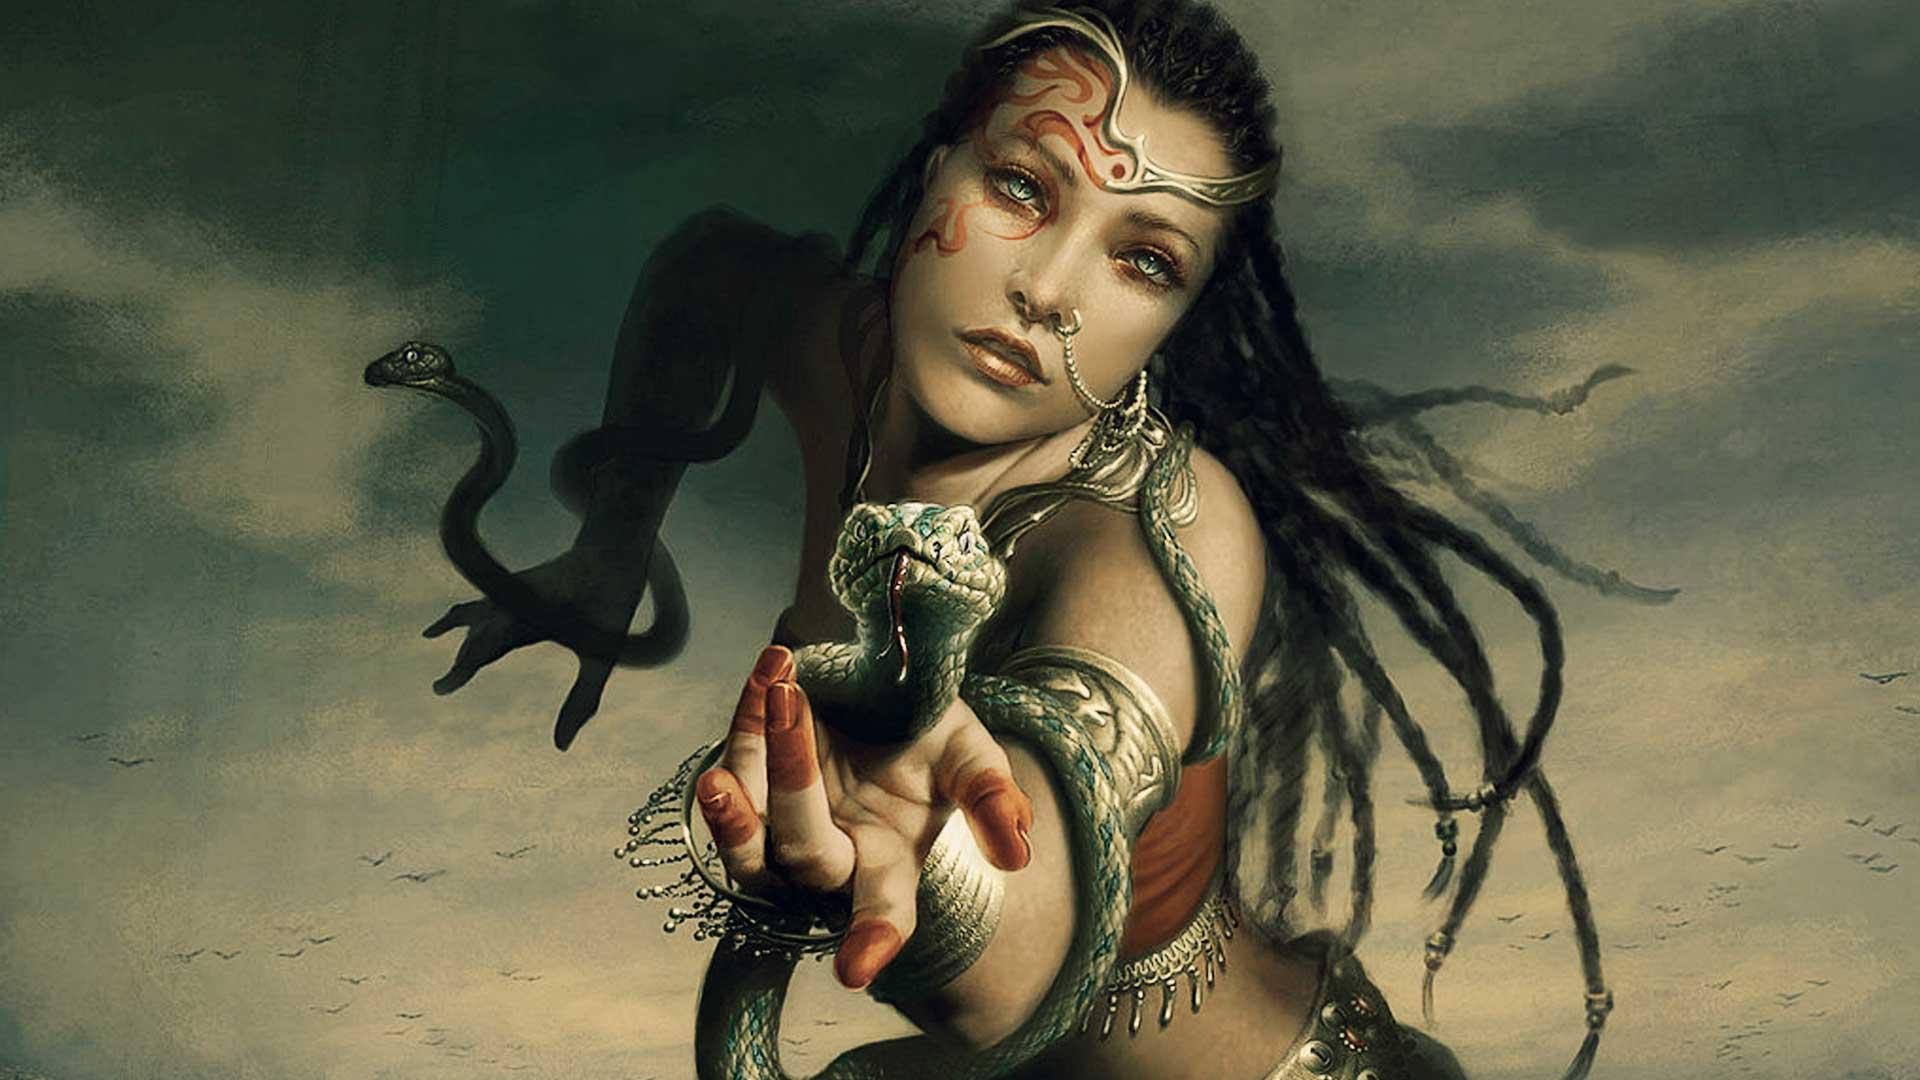 Los Chitauri, los dioses reptilianos zulúes que llegaron a la Tierra para controlar a la raza humana